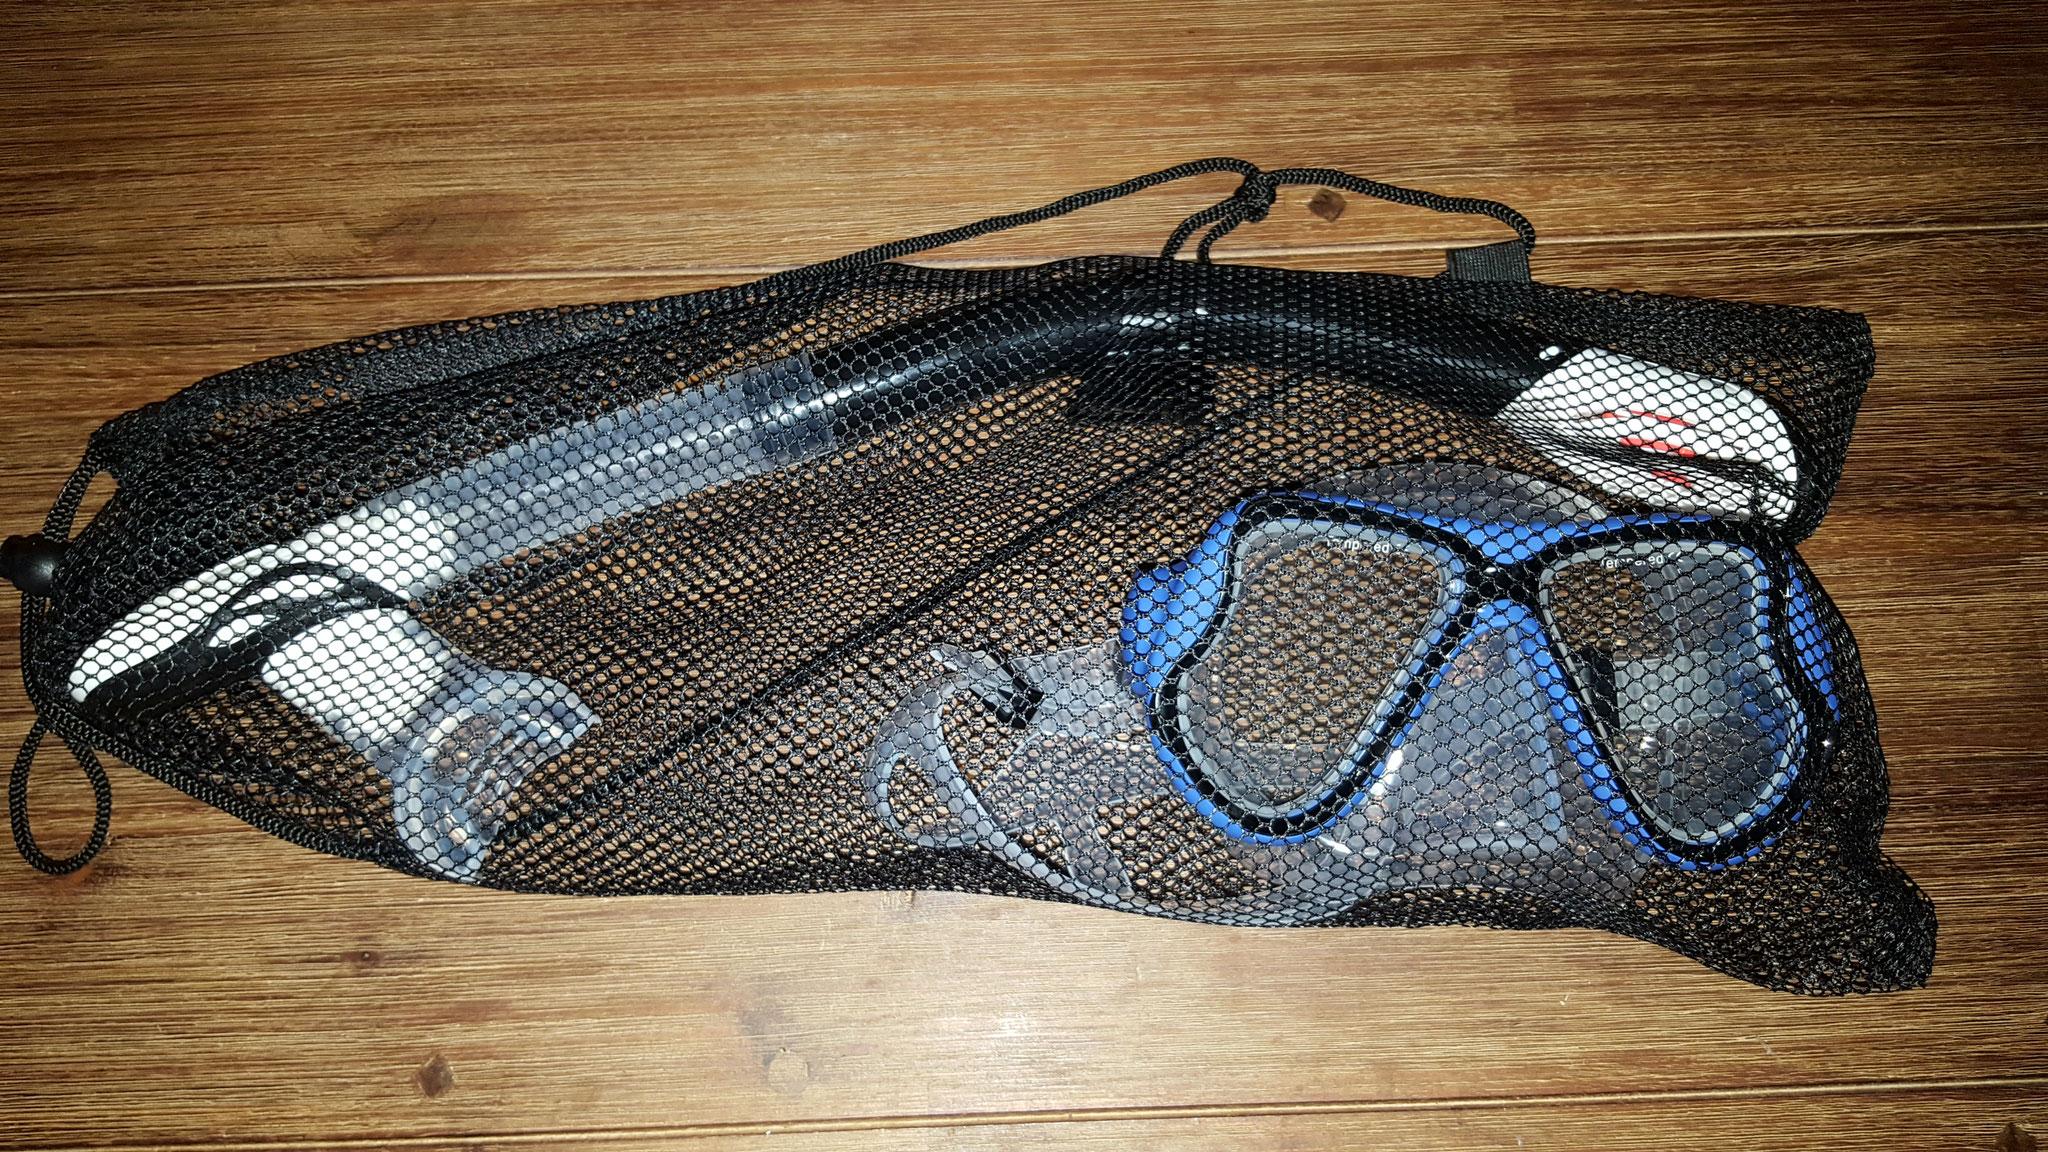 Schnorchelset mit Netztasche